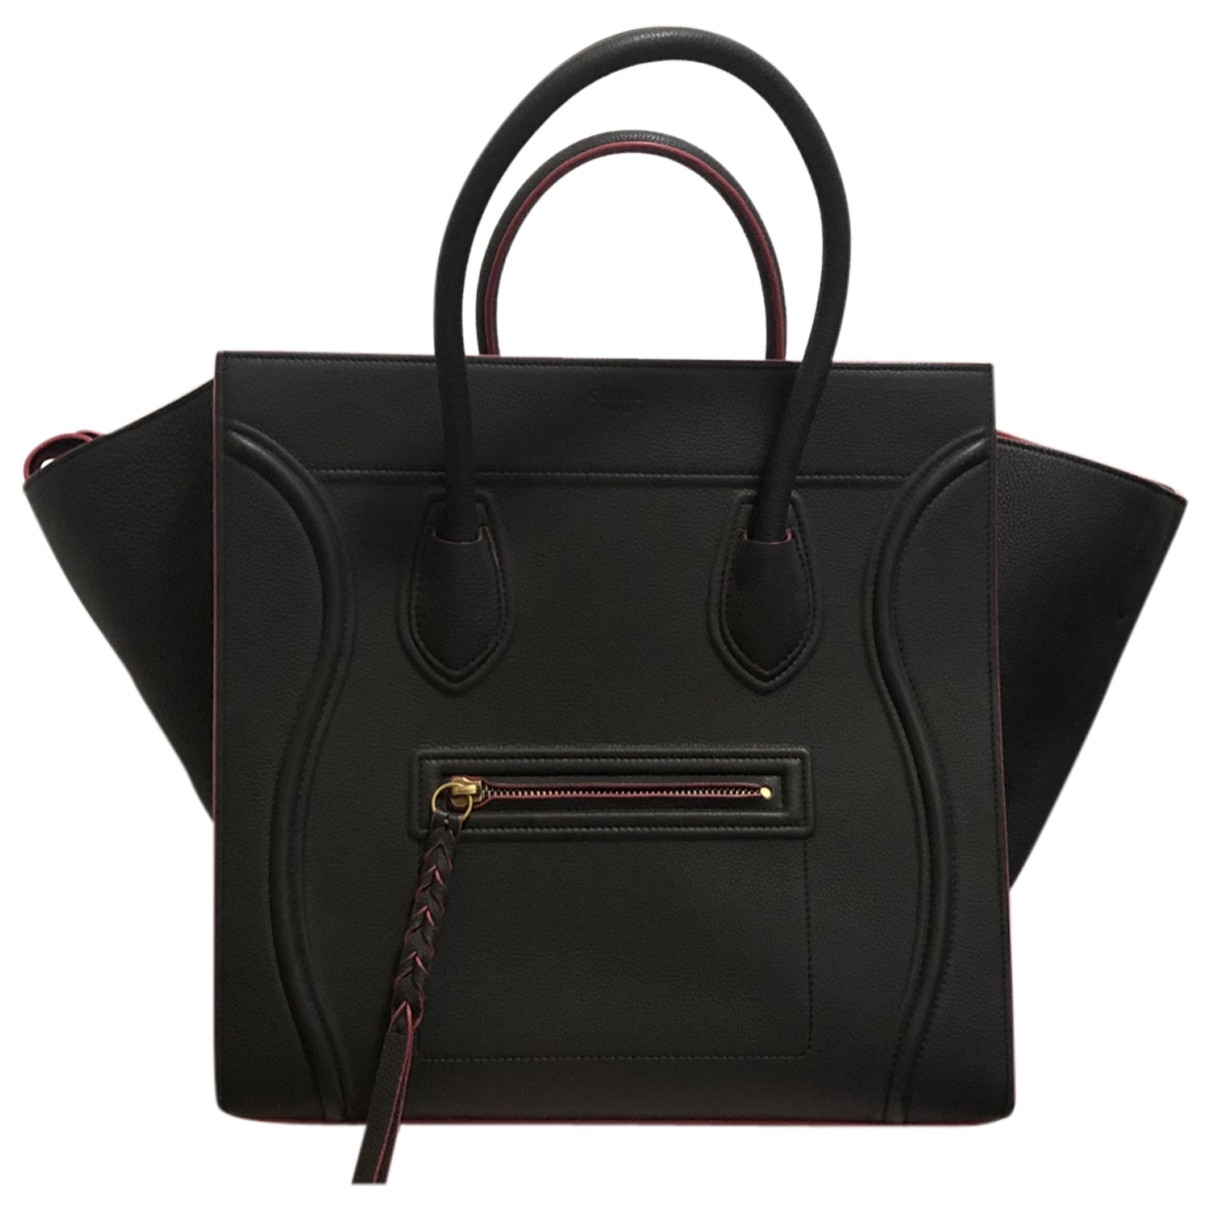 Celine Luggage Phantom Handtasche in  Anthrazit Leder